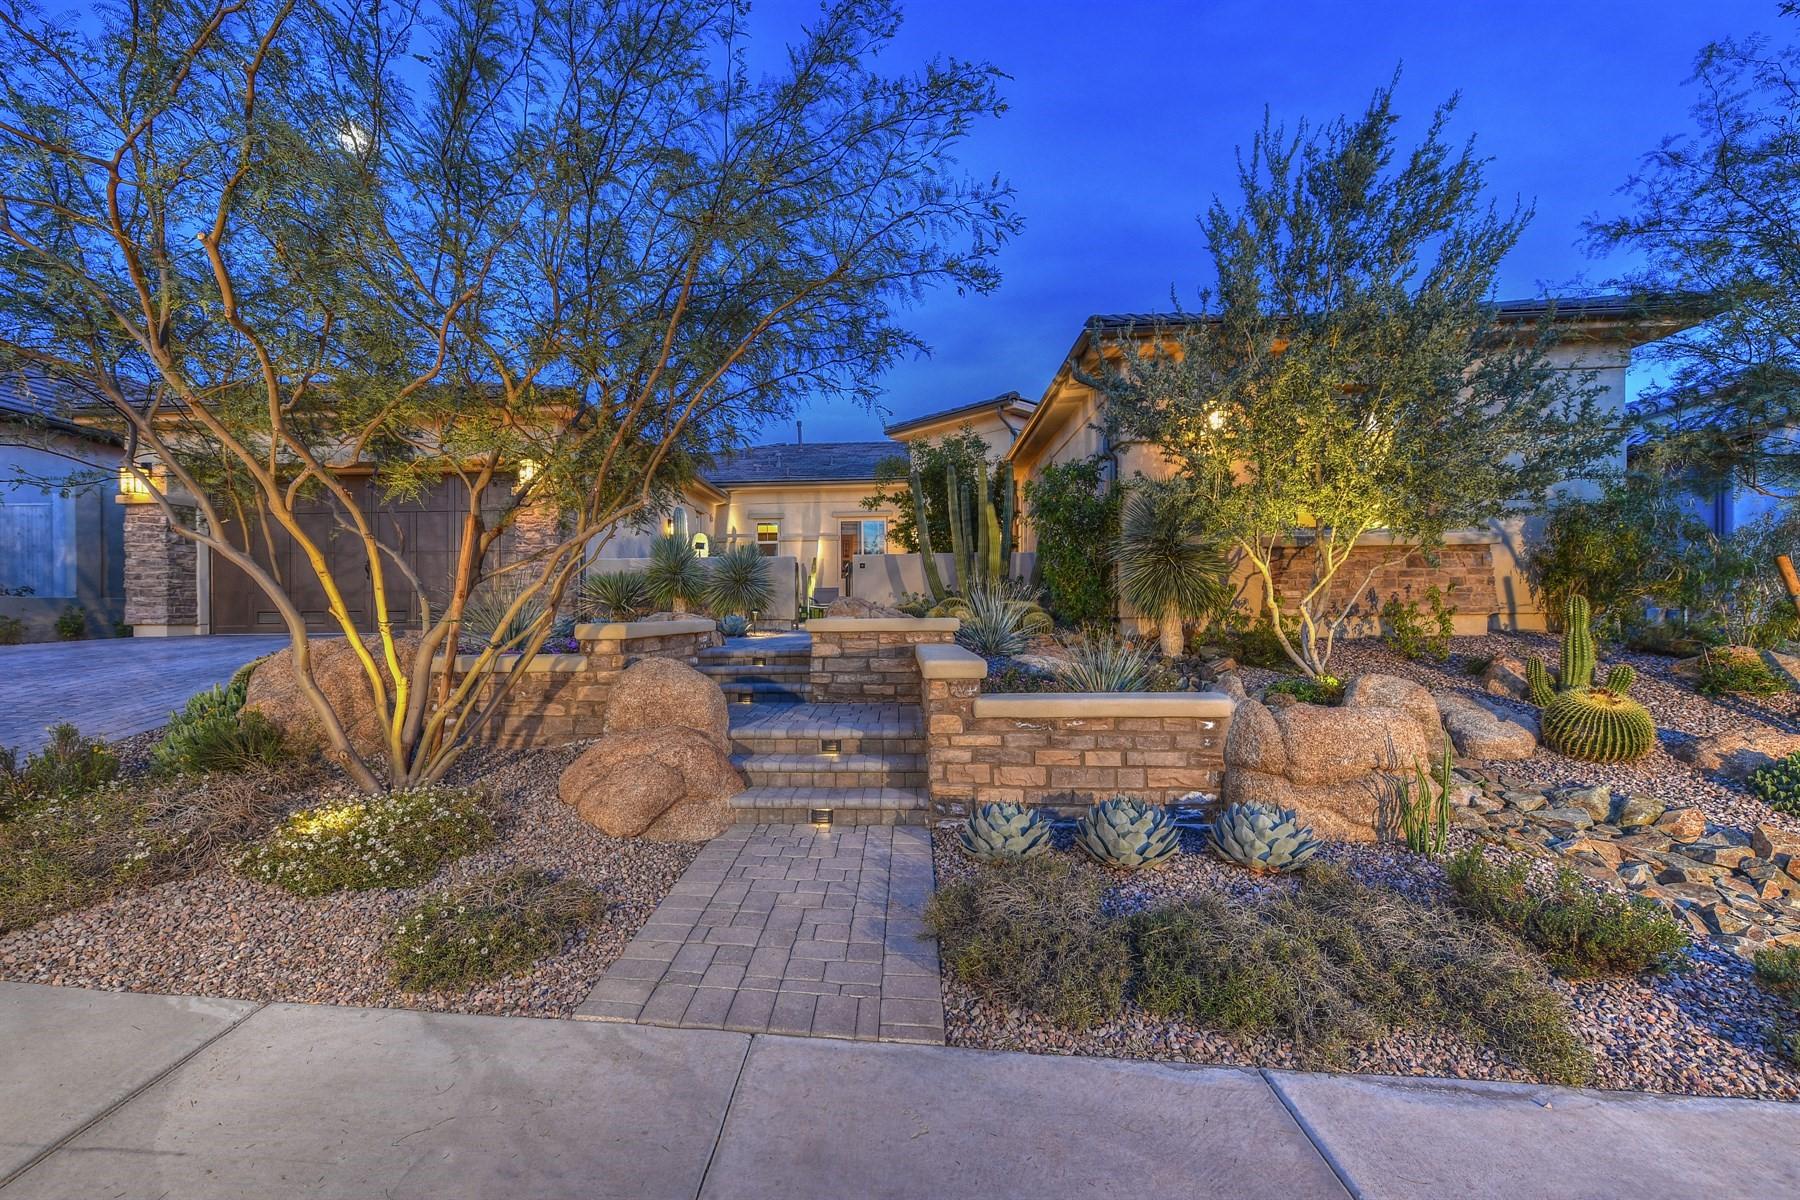 Maison unifamiliale pour l Vente à Beautiful contemporary home in the gated community of Bocara 24419 N 72nd Way Scottsdale, Arizona, 85255 États-Unis